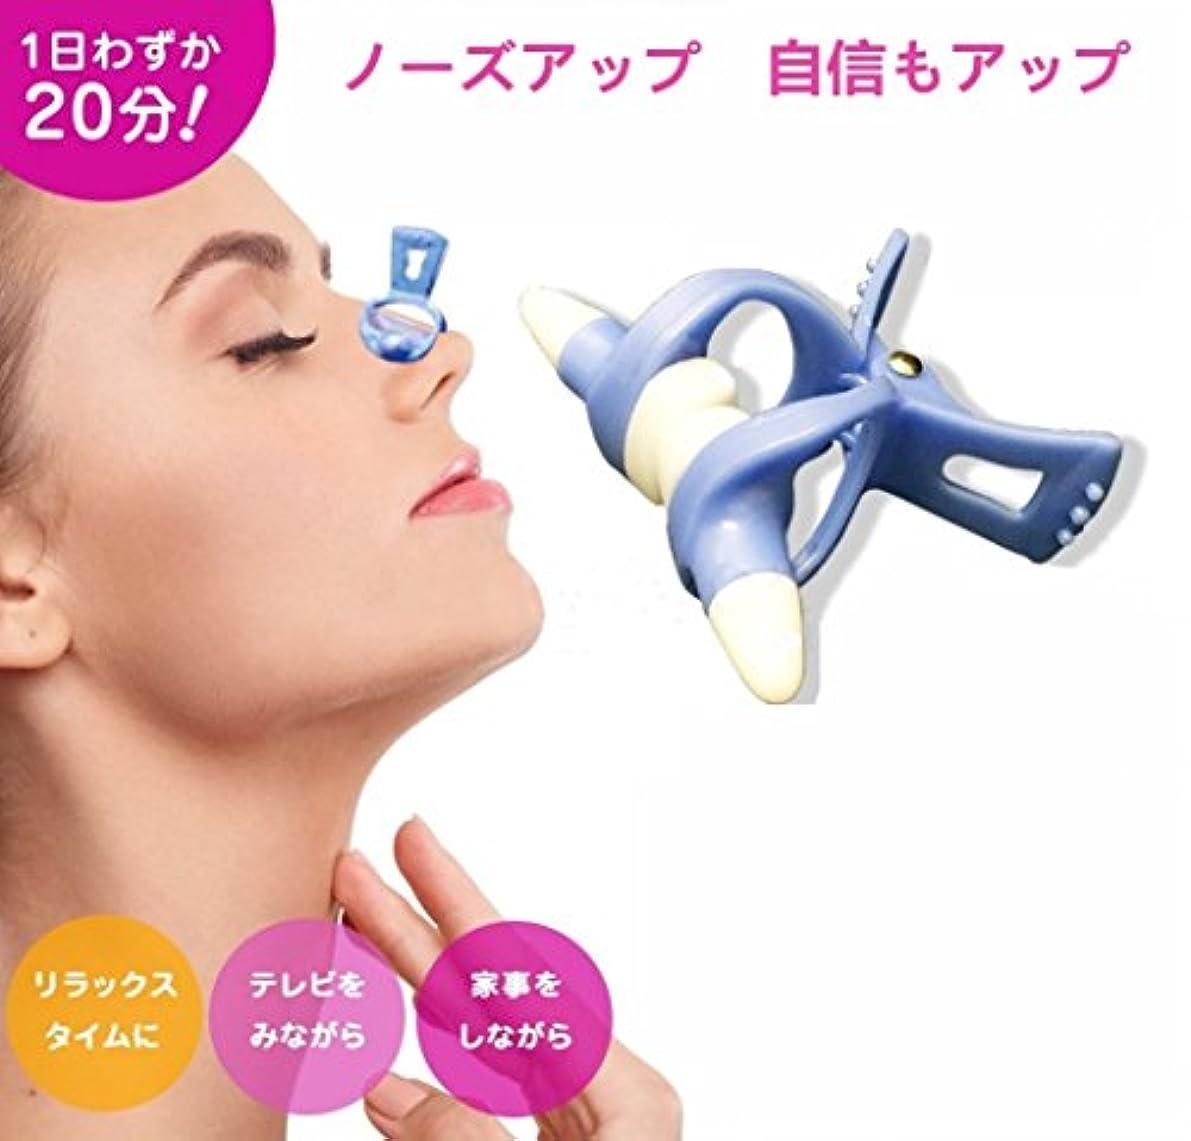 将来のジャム中世のノーズアップ ノーズクリップ Vicona鼻クリップ 美鼻 鼻筋矯正 鼻プチ プチ整形 鼻筋セレブ 抗菌シリコンで  柔らか素材で痛くない 肌にやさしい